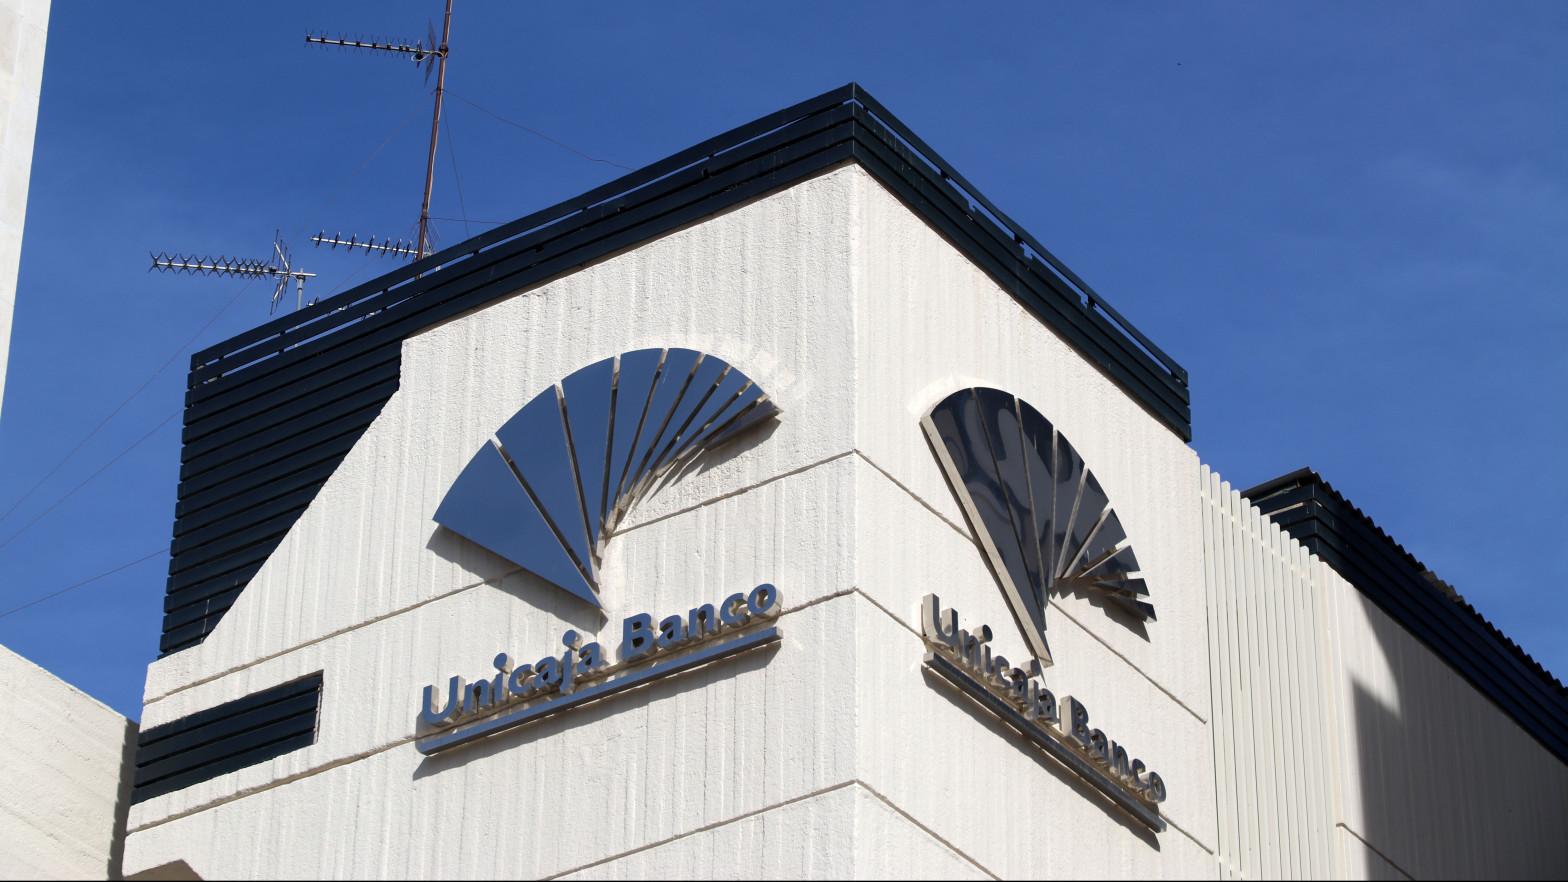 Edificio de la sede de Unicaja Banco en Málaga, Andalucía (España)